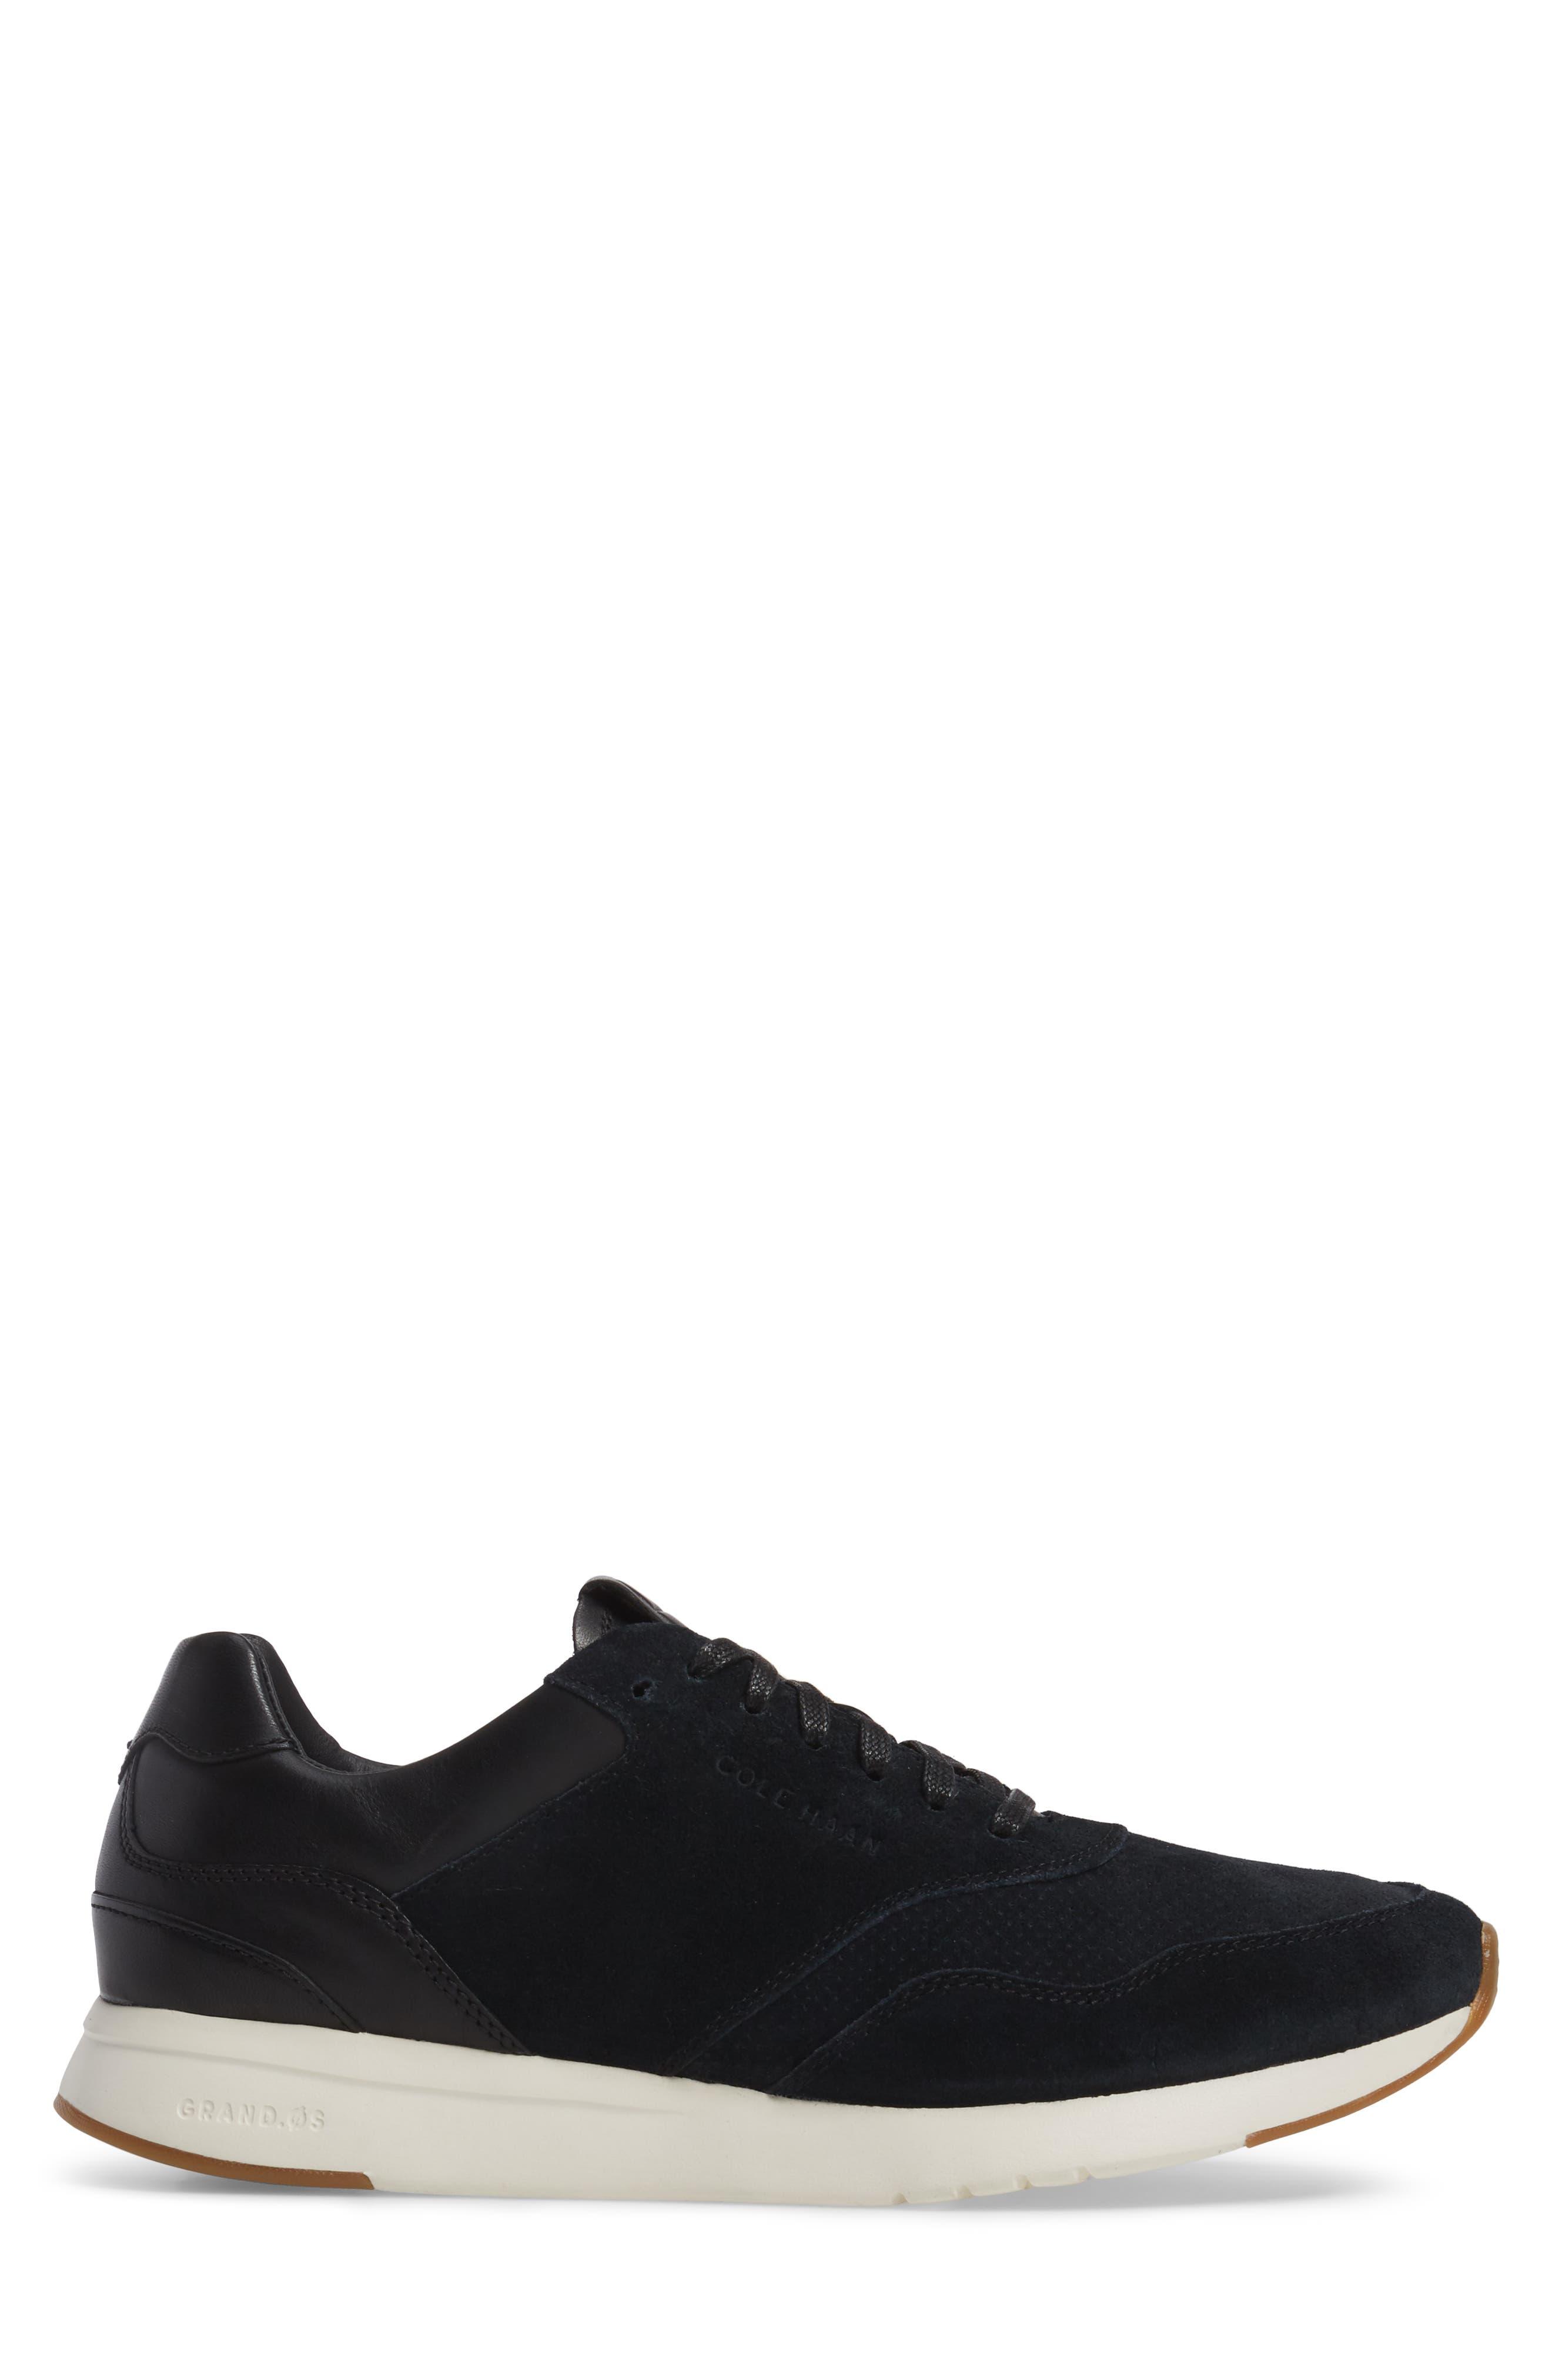 GrandPro Runner Sneaker,                             Alternate thumbnail 15, color,